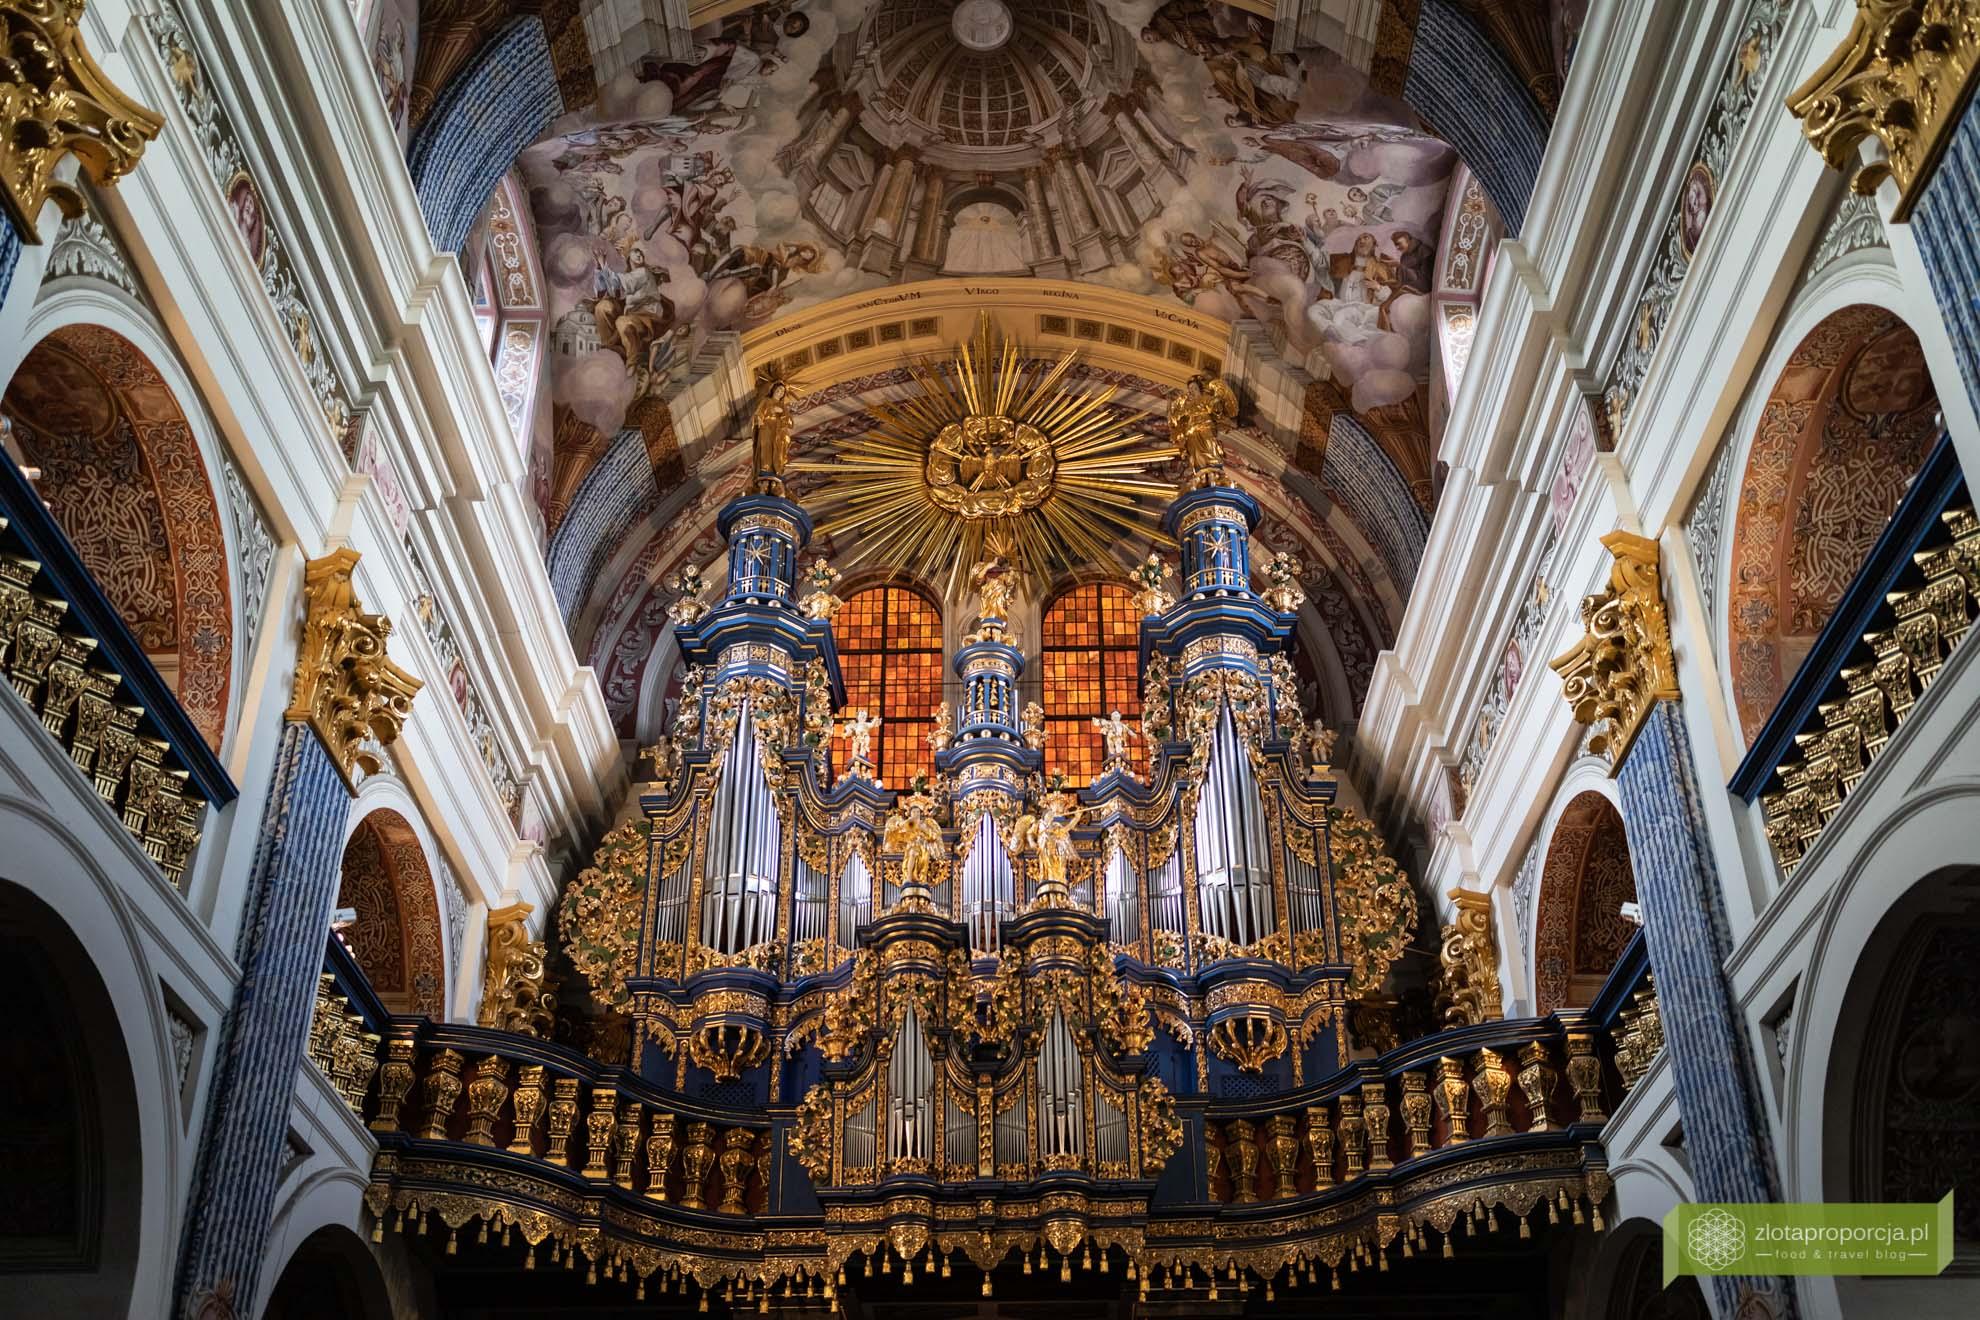 Święta Lipka; Święta Lipka sanktuarium; Święta Lipka organy